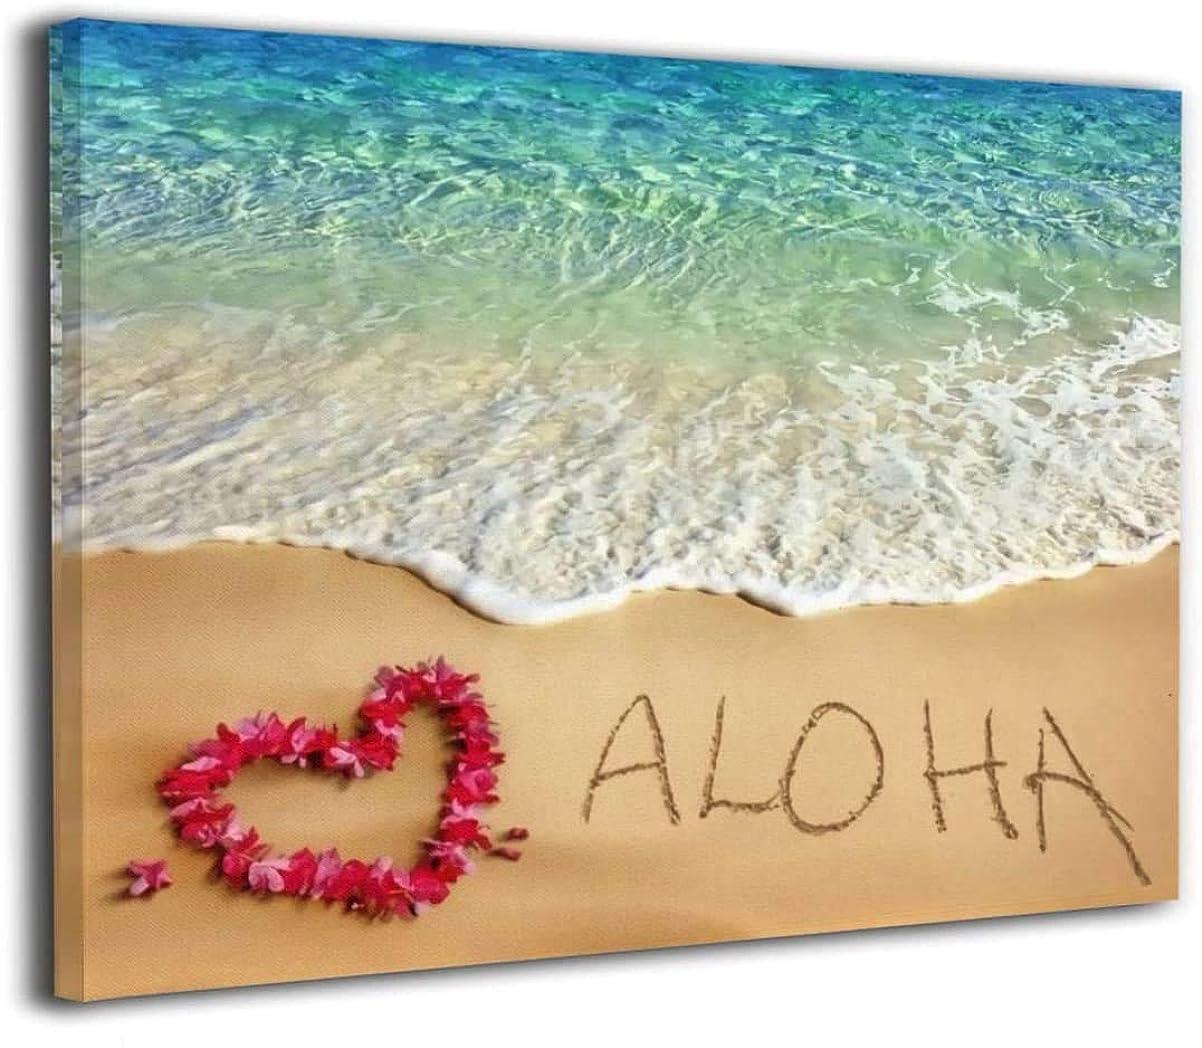 サンダース寛容なこねる油絵 ハワイ 海 サマー 装飾画 油画 現代絵画 モダンアート ウォールアート キャンバス寝室の装飾風景 インテリアアート 壁の絵 飾塗装 絵画部屋飾り 壁アート キャンバスアート 40x50cm(フレームレス)